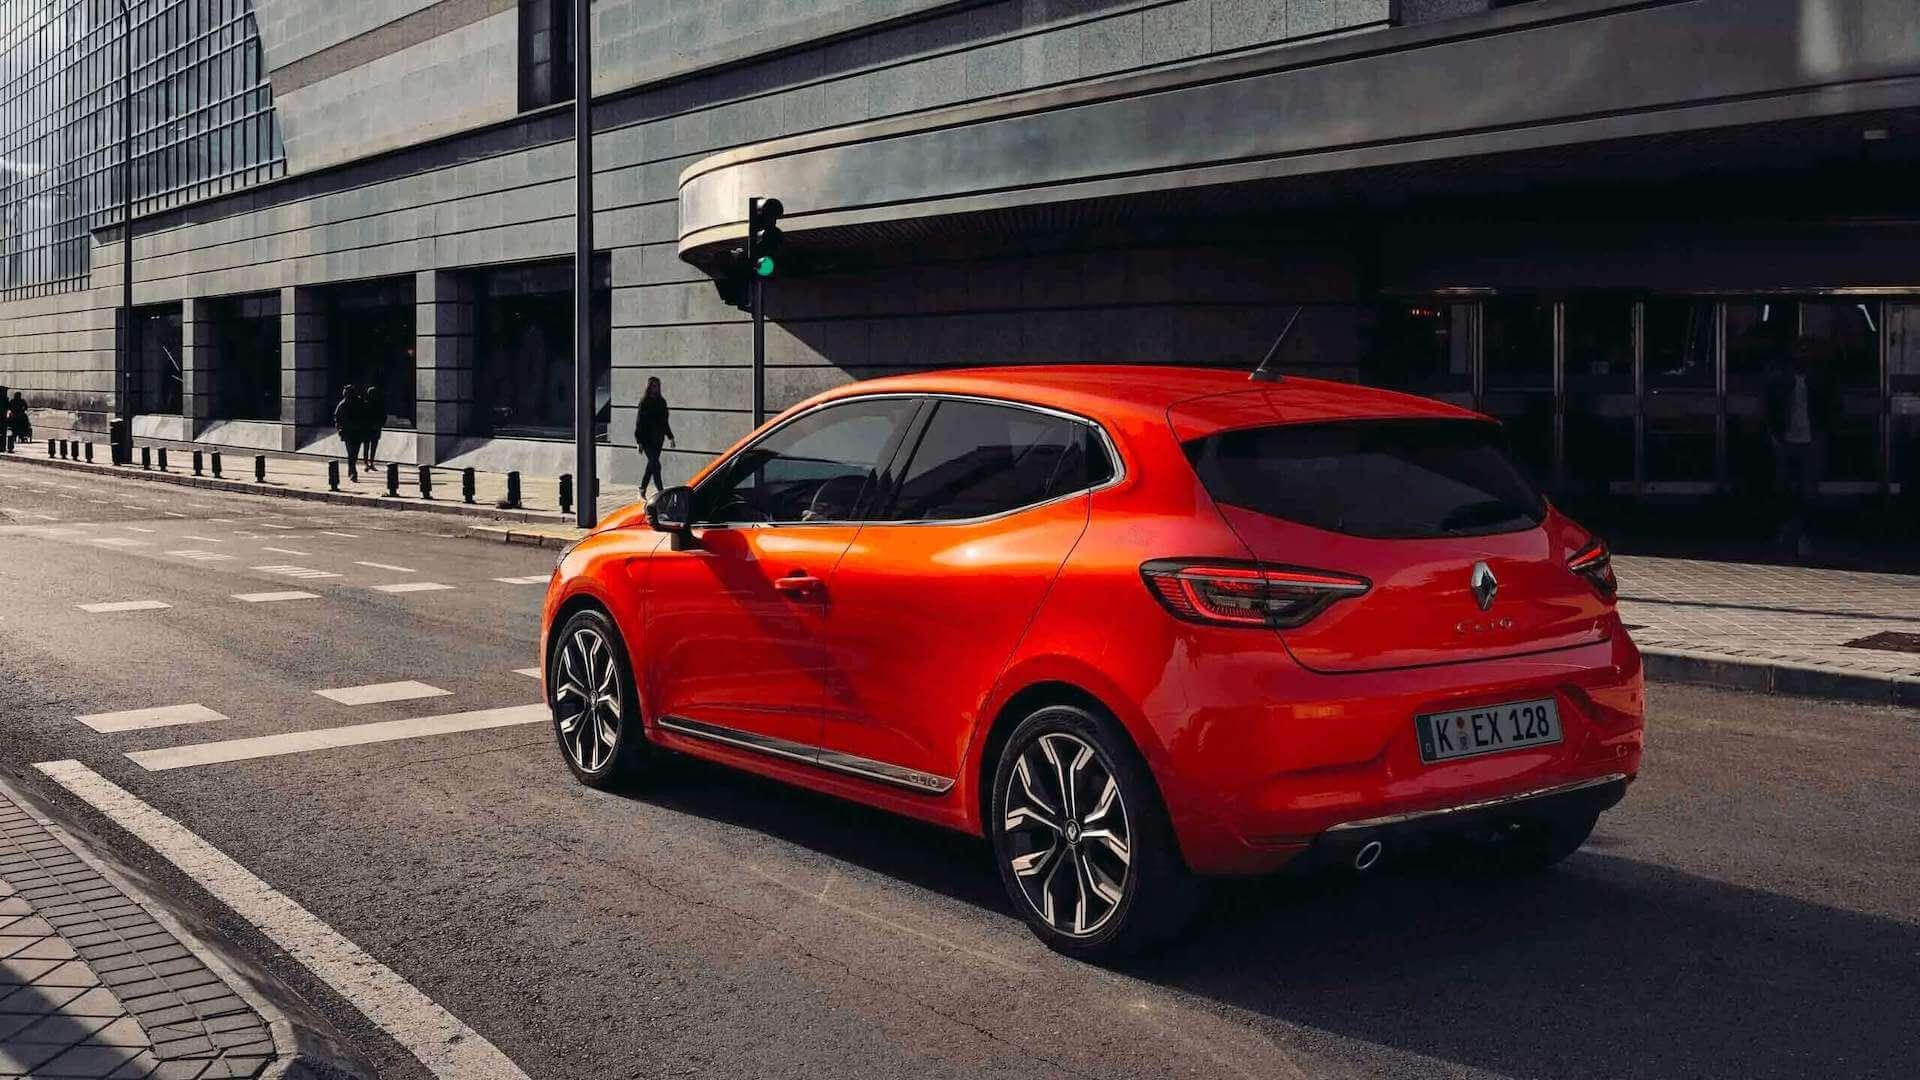 Außenansicht Heck vom roten Auto - es fährt auf einer Straße- Renault Clio - Renault Ahrens Hannover